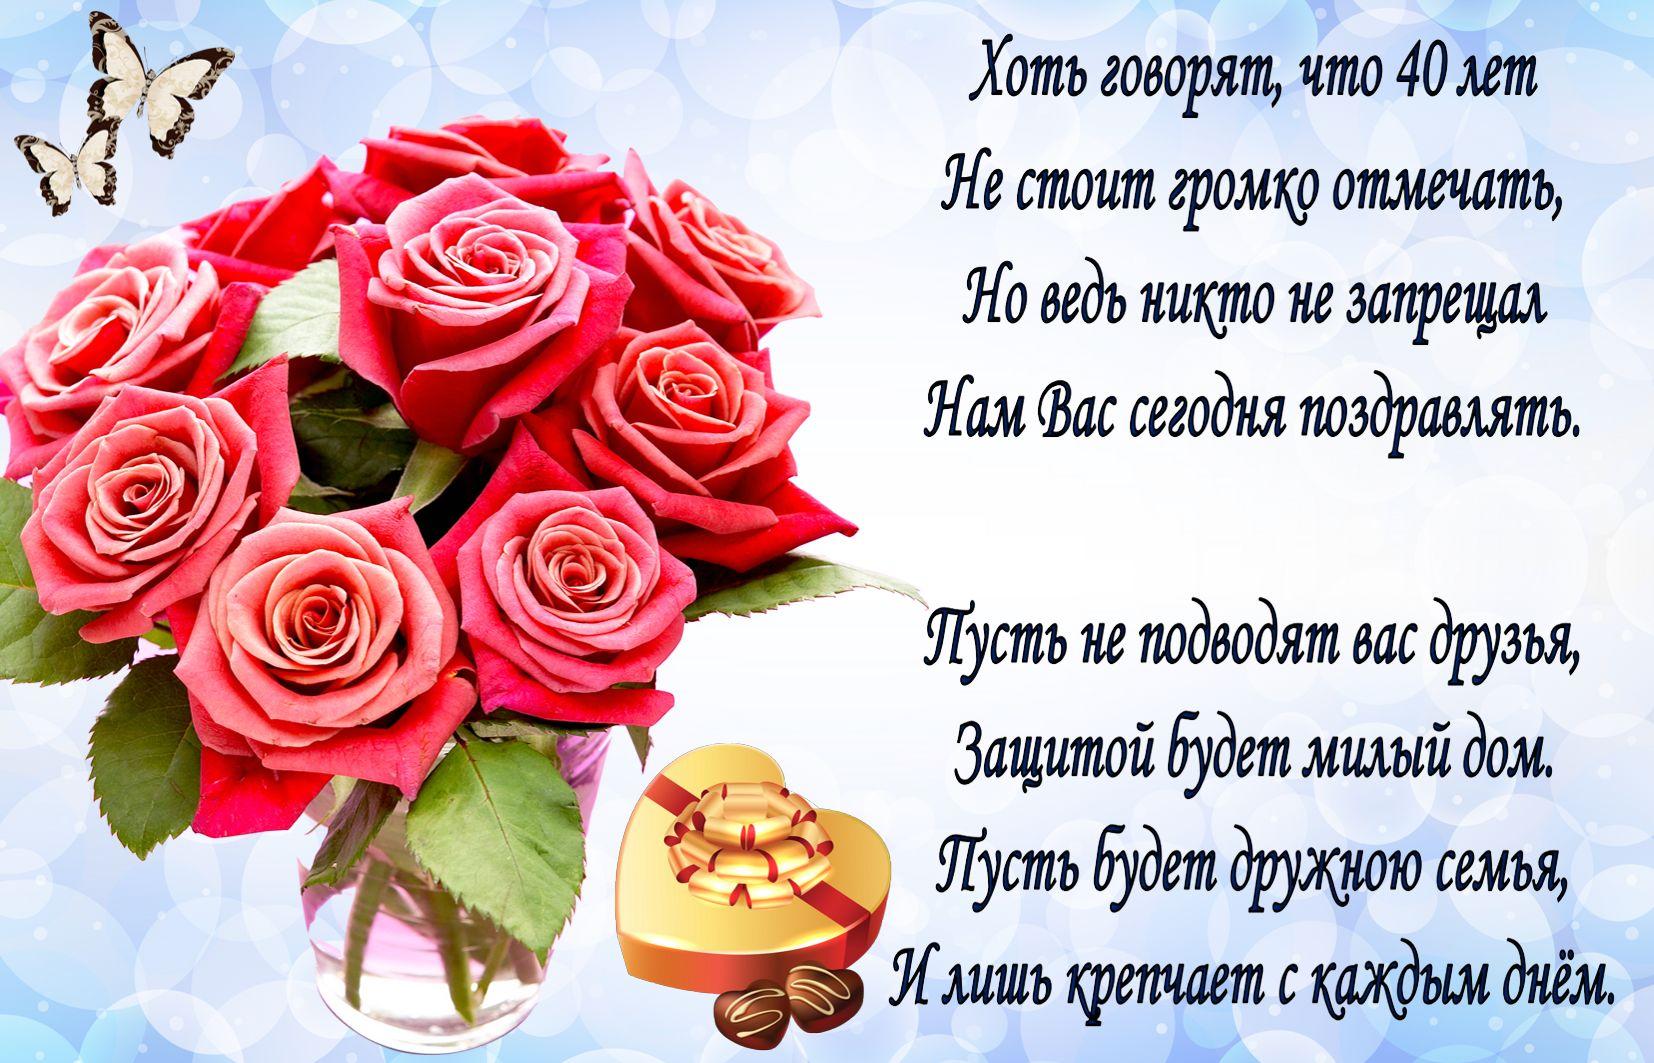 Открытка - пожелание к 40 Дню рождения с букетом роз